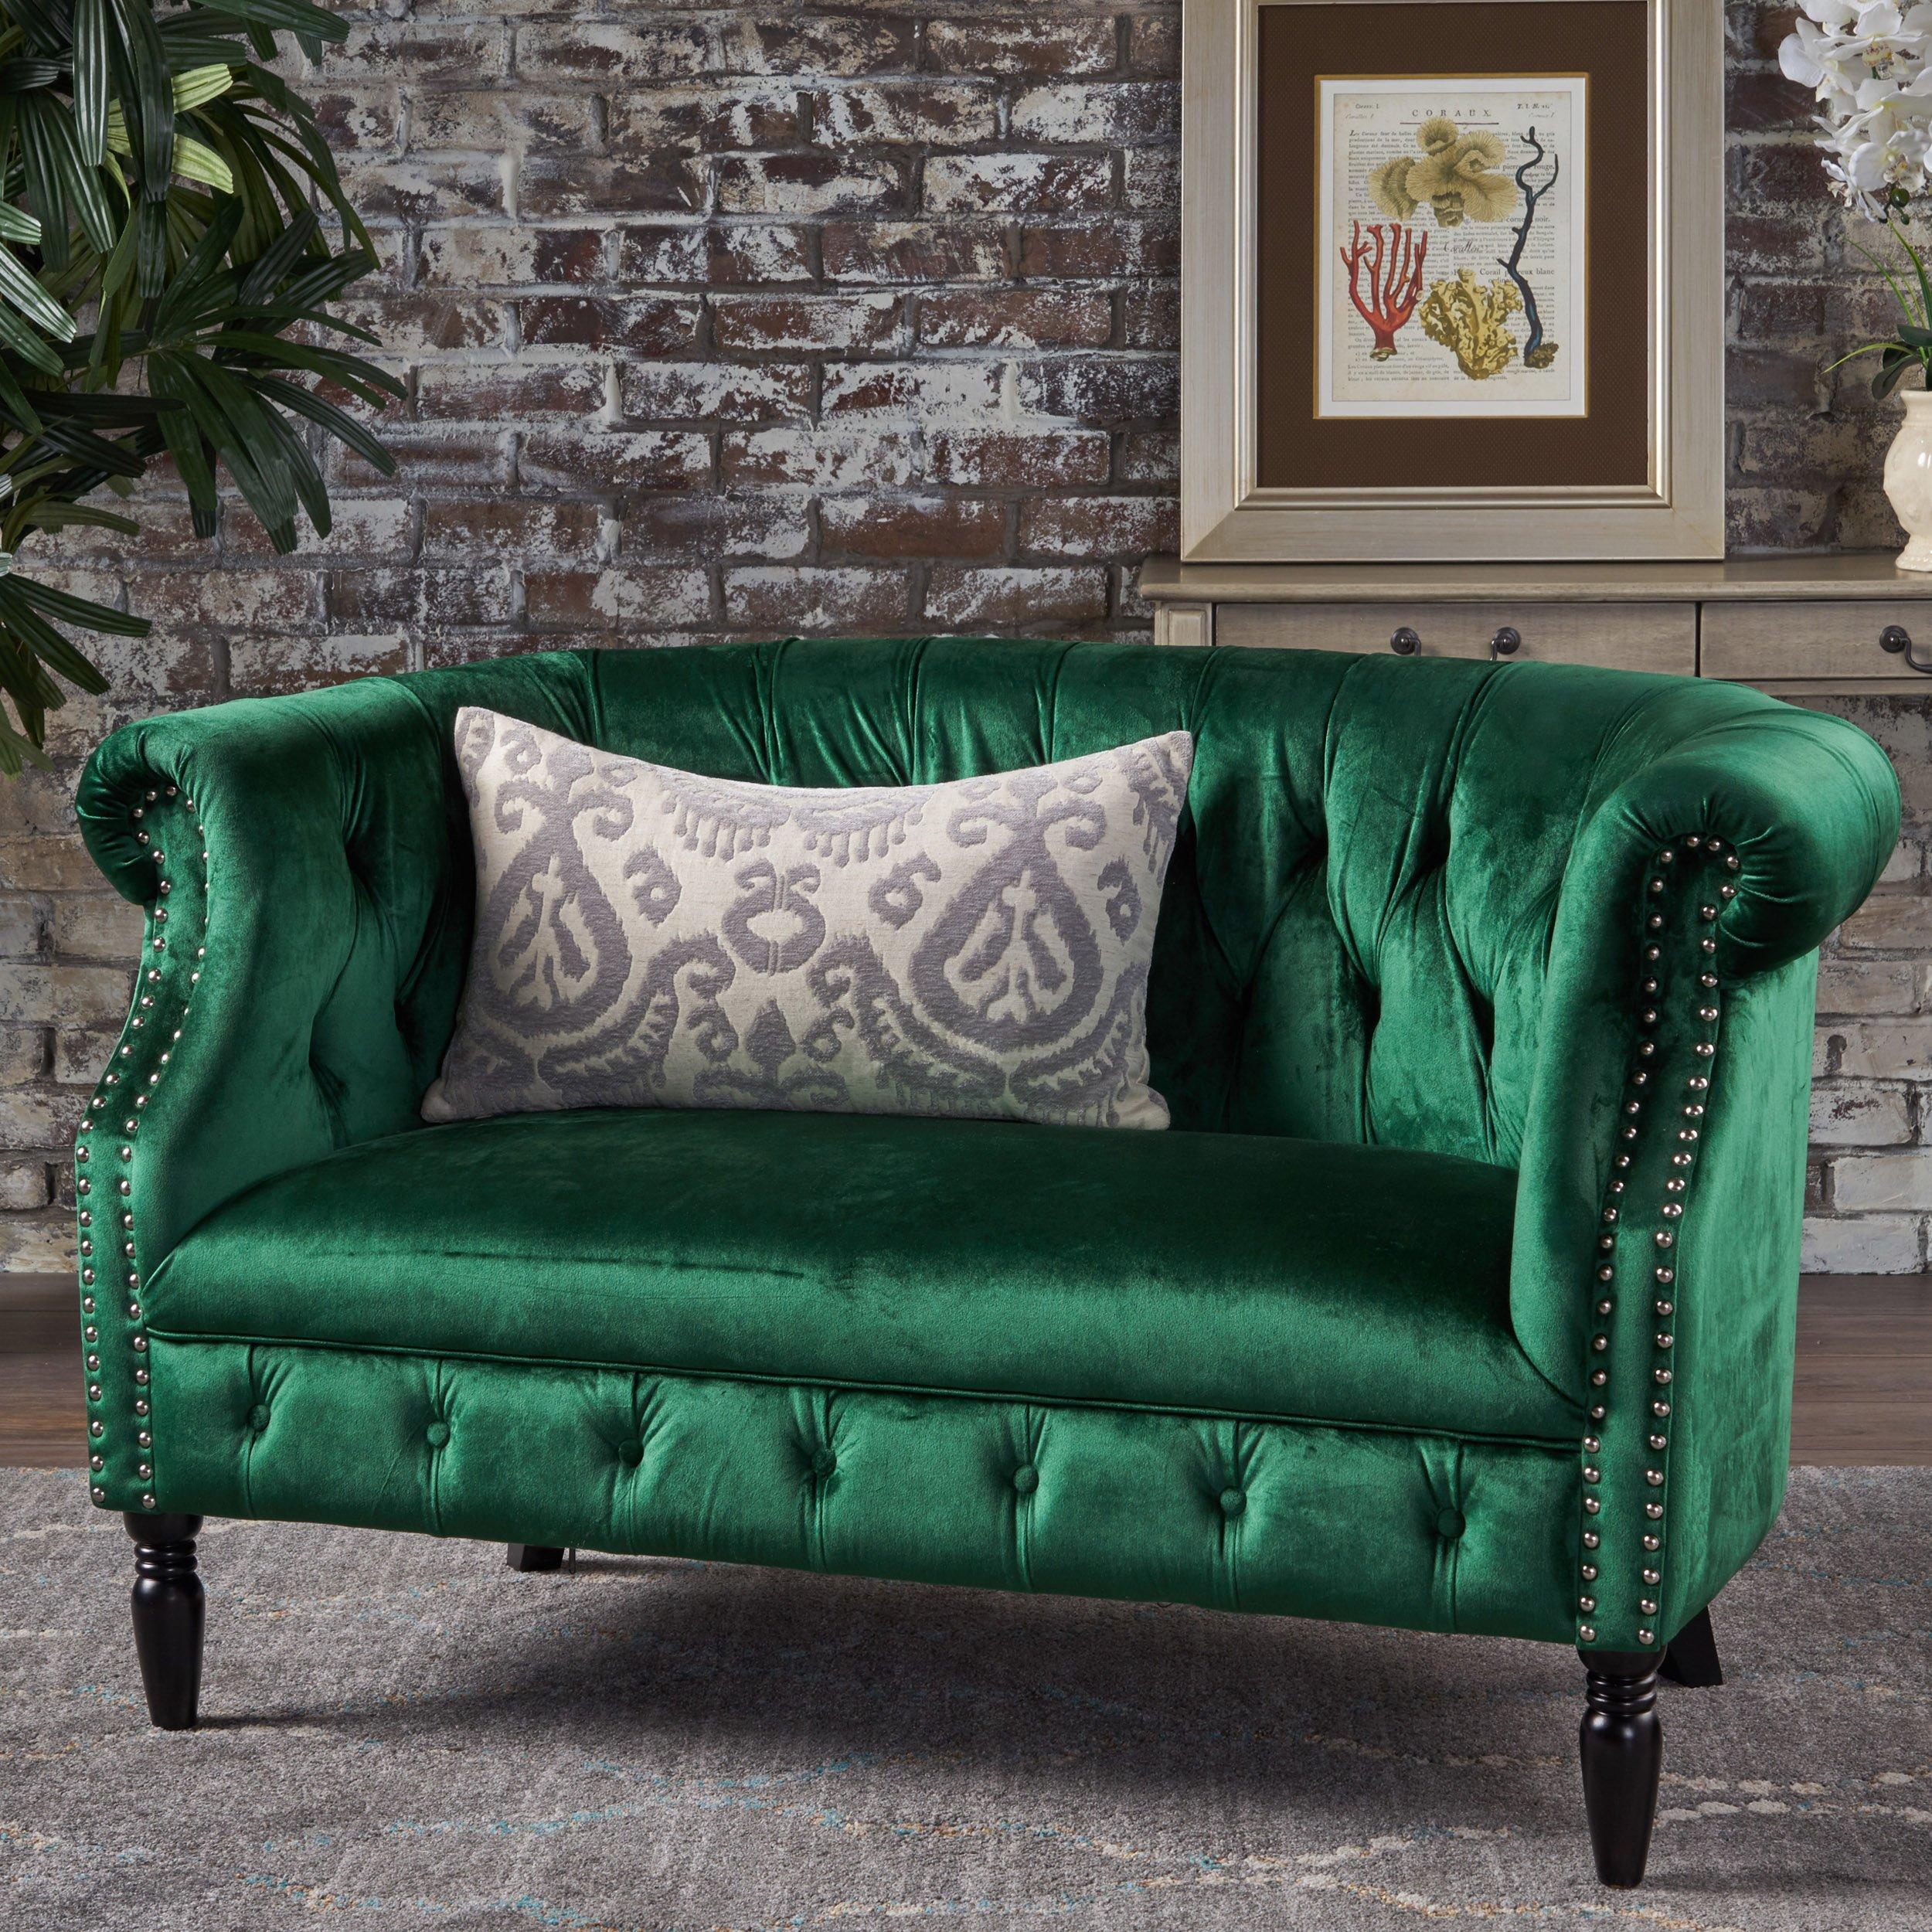 Melaina Emerald Velvet Loveseat - Tufted Rolled Arm Velvet Chesterfield Loveseat Couch